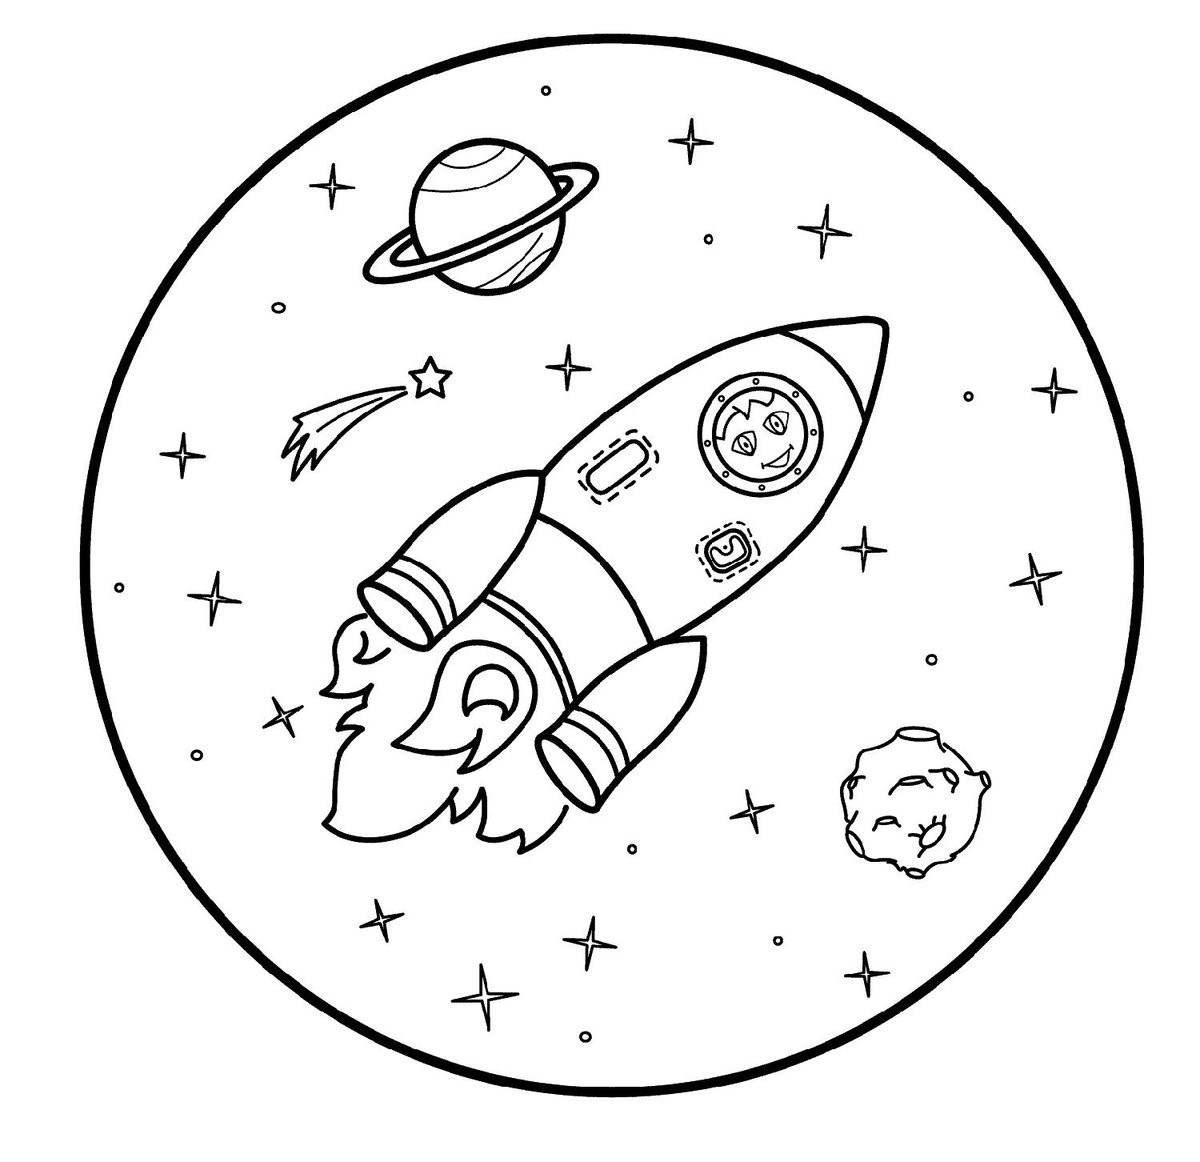 ноты это картинки раскраски на тему космос вас есть фото